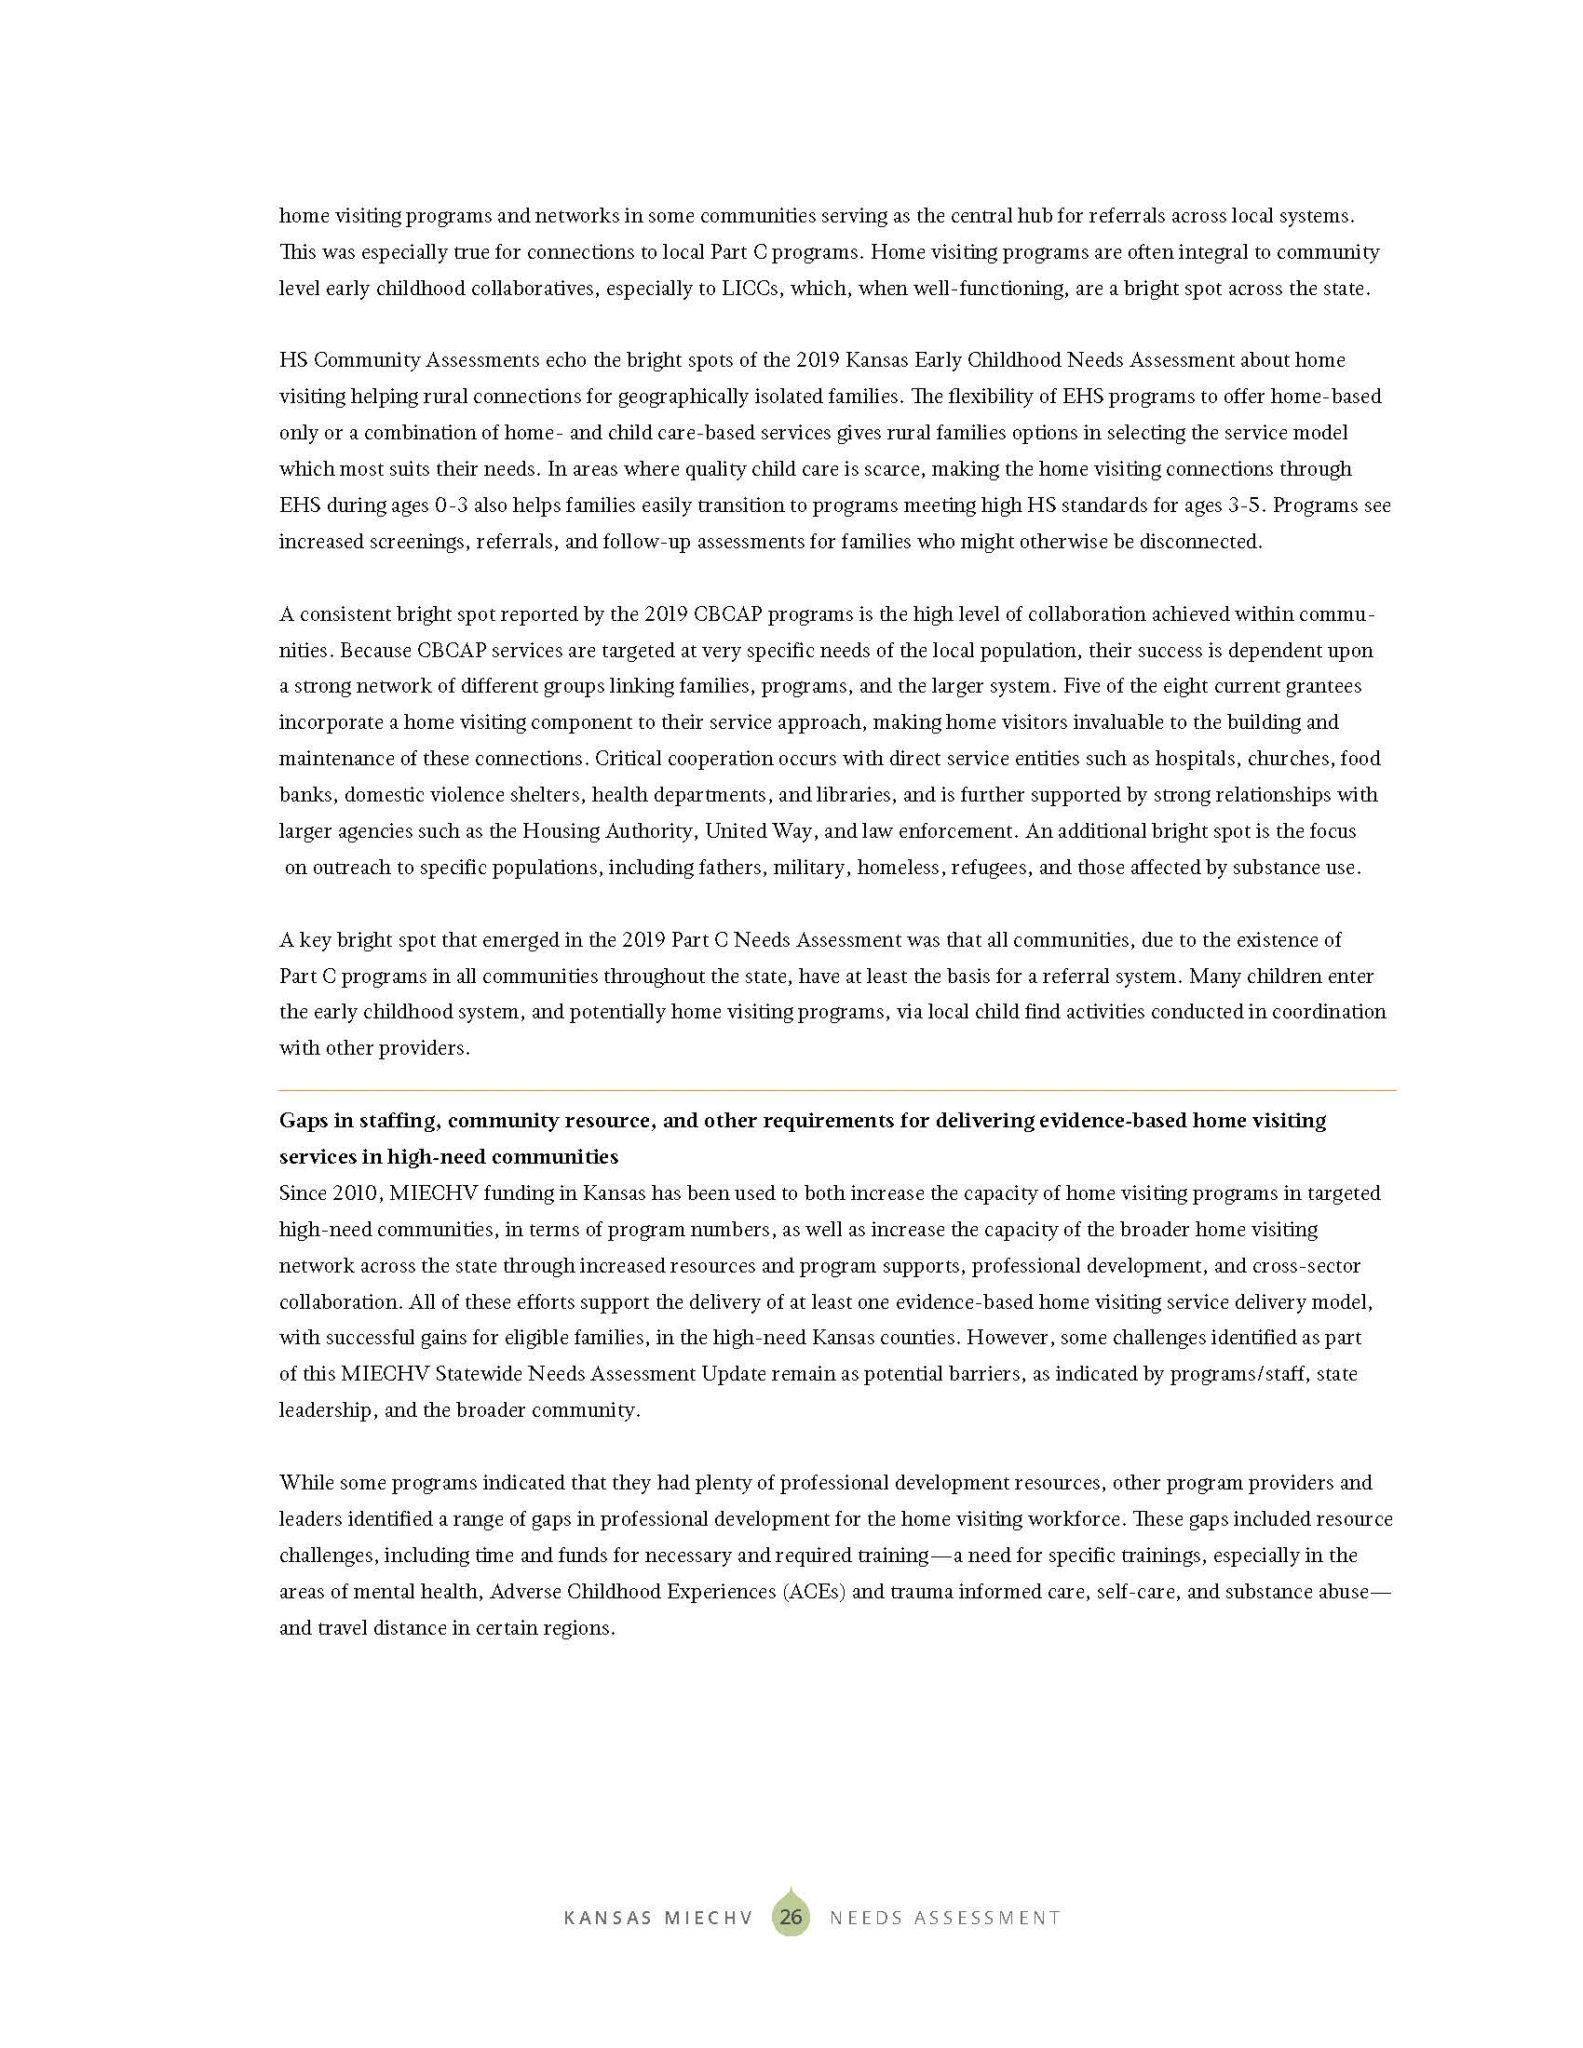 KS MIECHV 2020 Needs Assessment_DIGITAL_Page_034